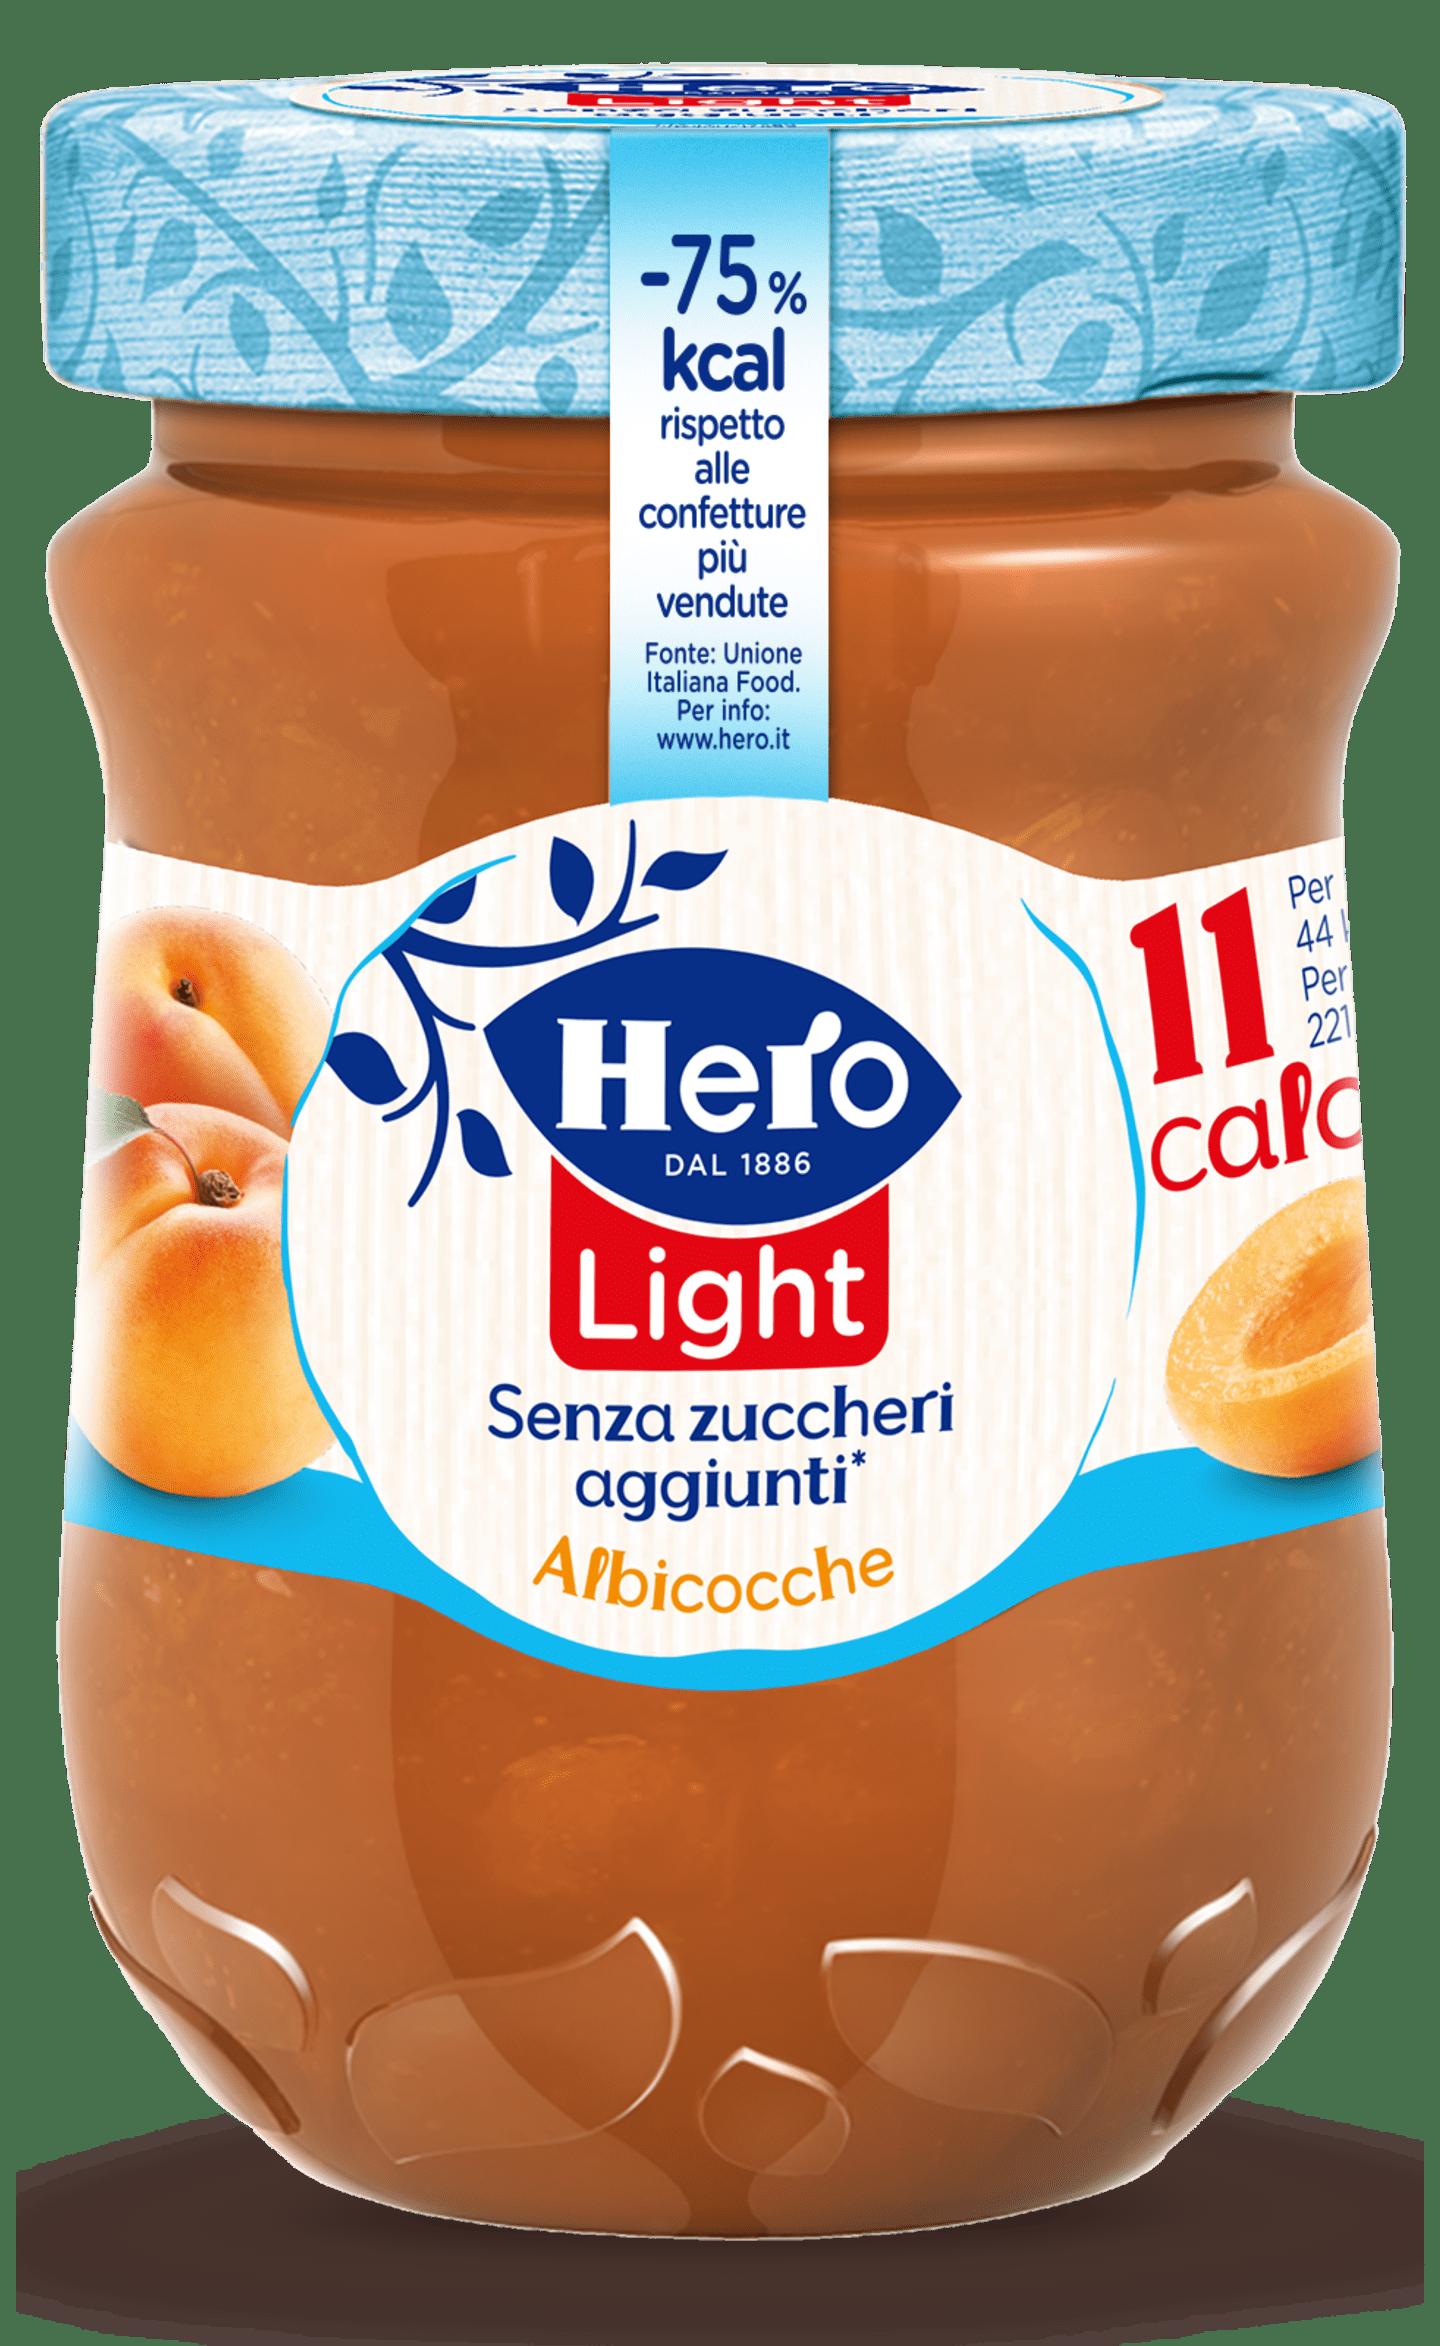 Marmellata di albicocche hero light